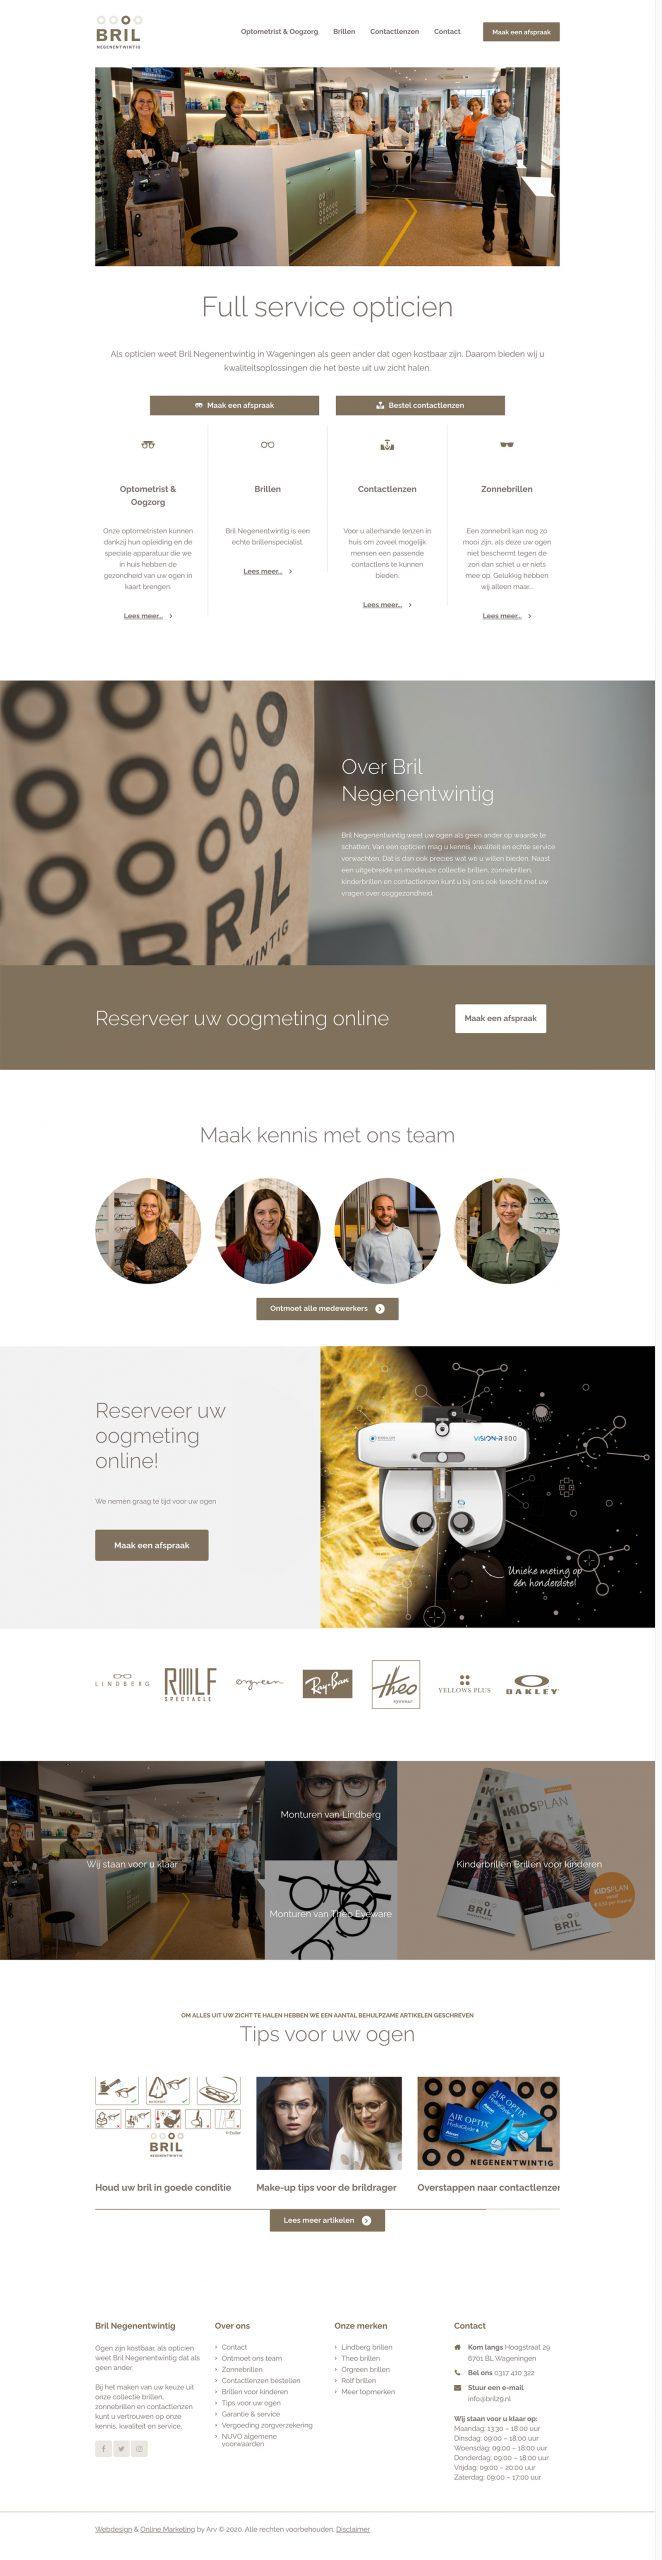 Webdesign-Wageningen-opticien-Bril-Negenentwintig-scaled